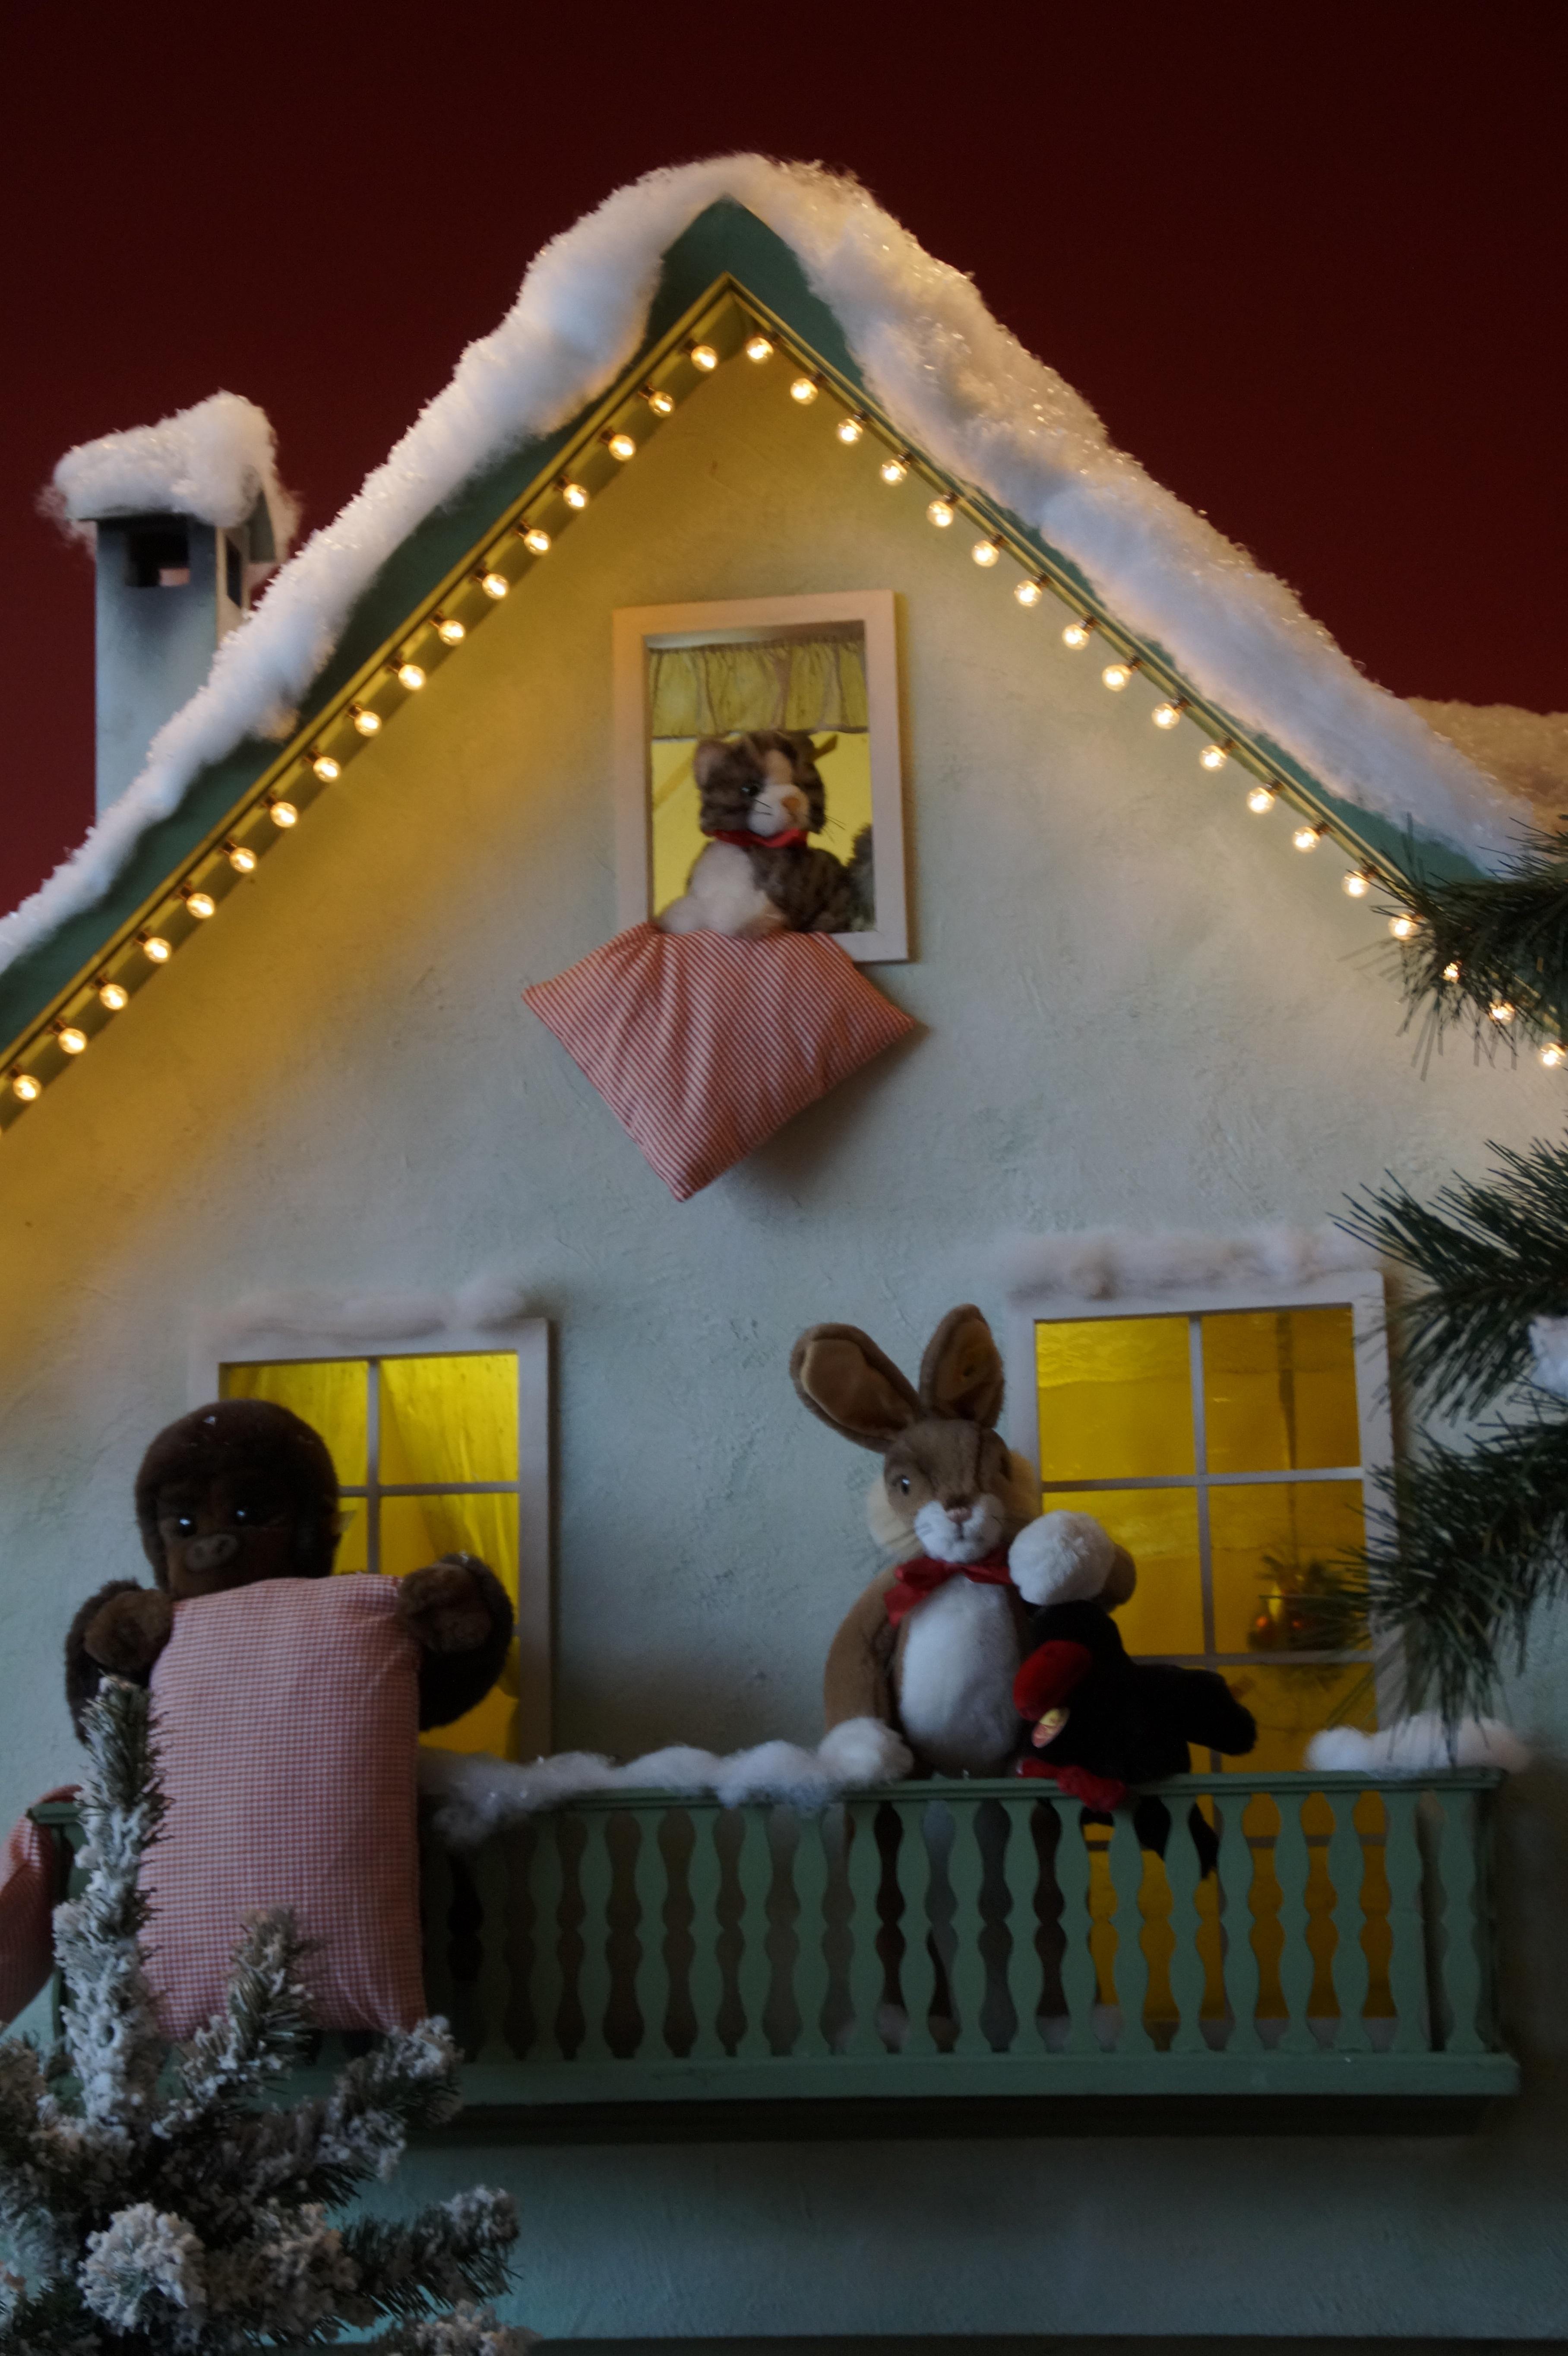 Haus Beleuchten kostenlose foto winter haus zuhause dekoration museum katze